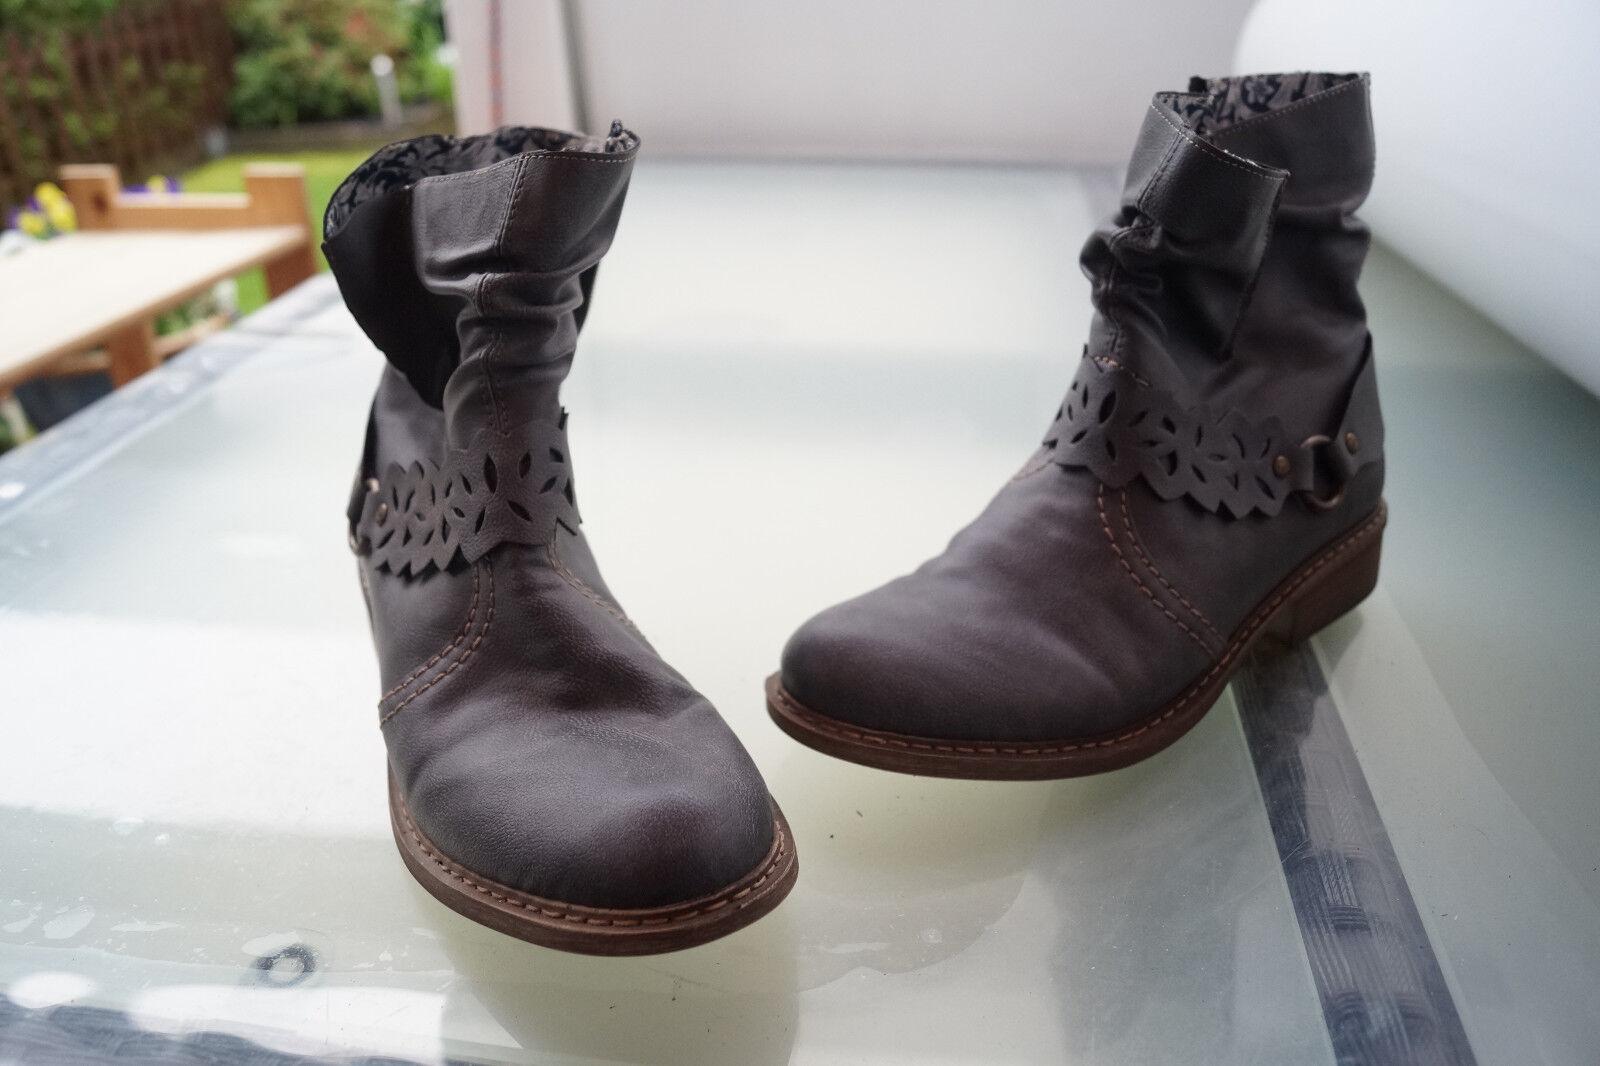 Tiempo limitado especial Enviaré rieker zapatos señora botas botas botines ligeramente nuevo M